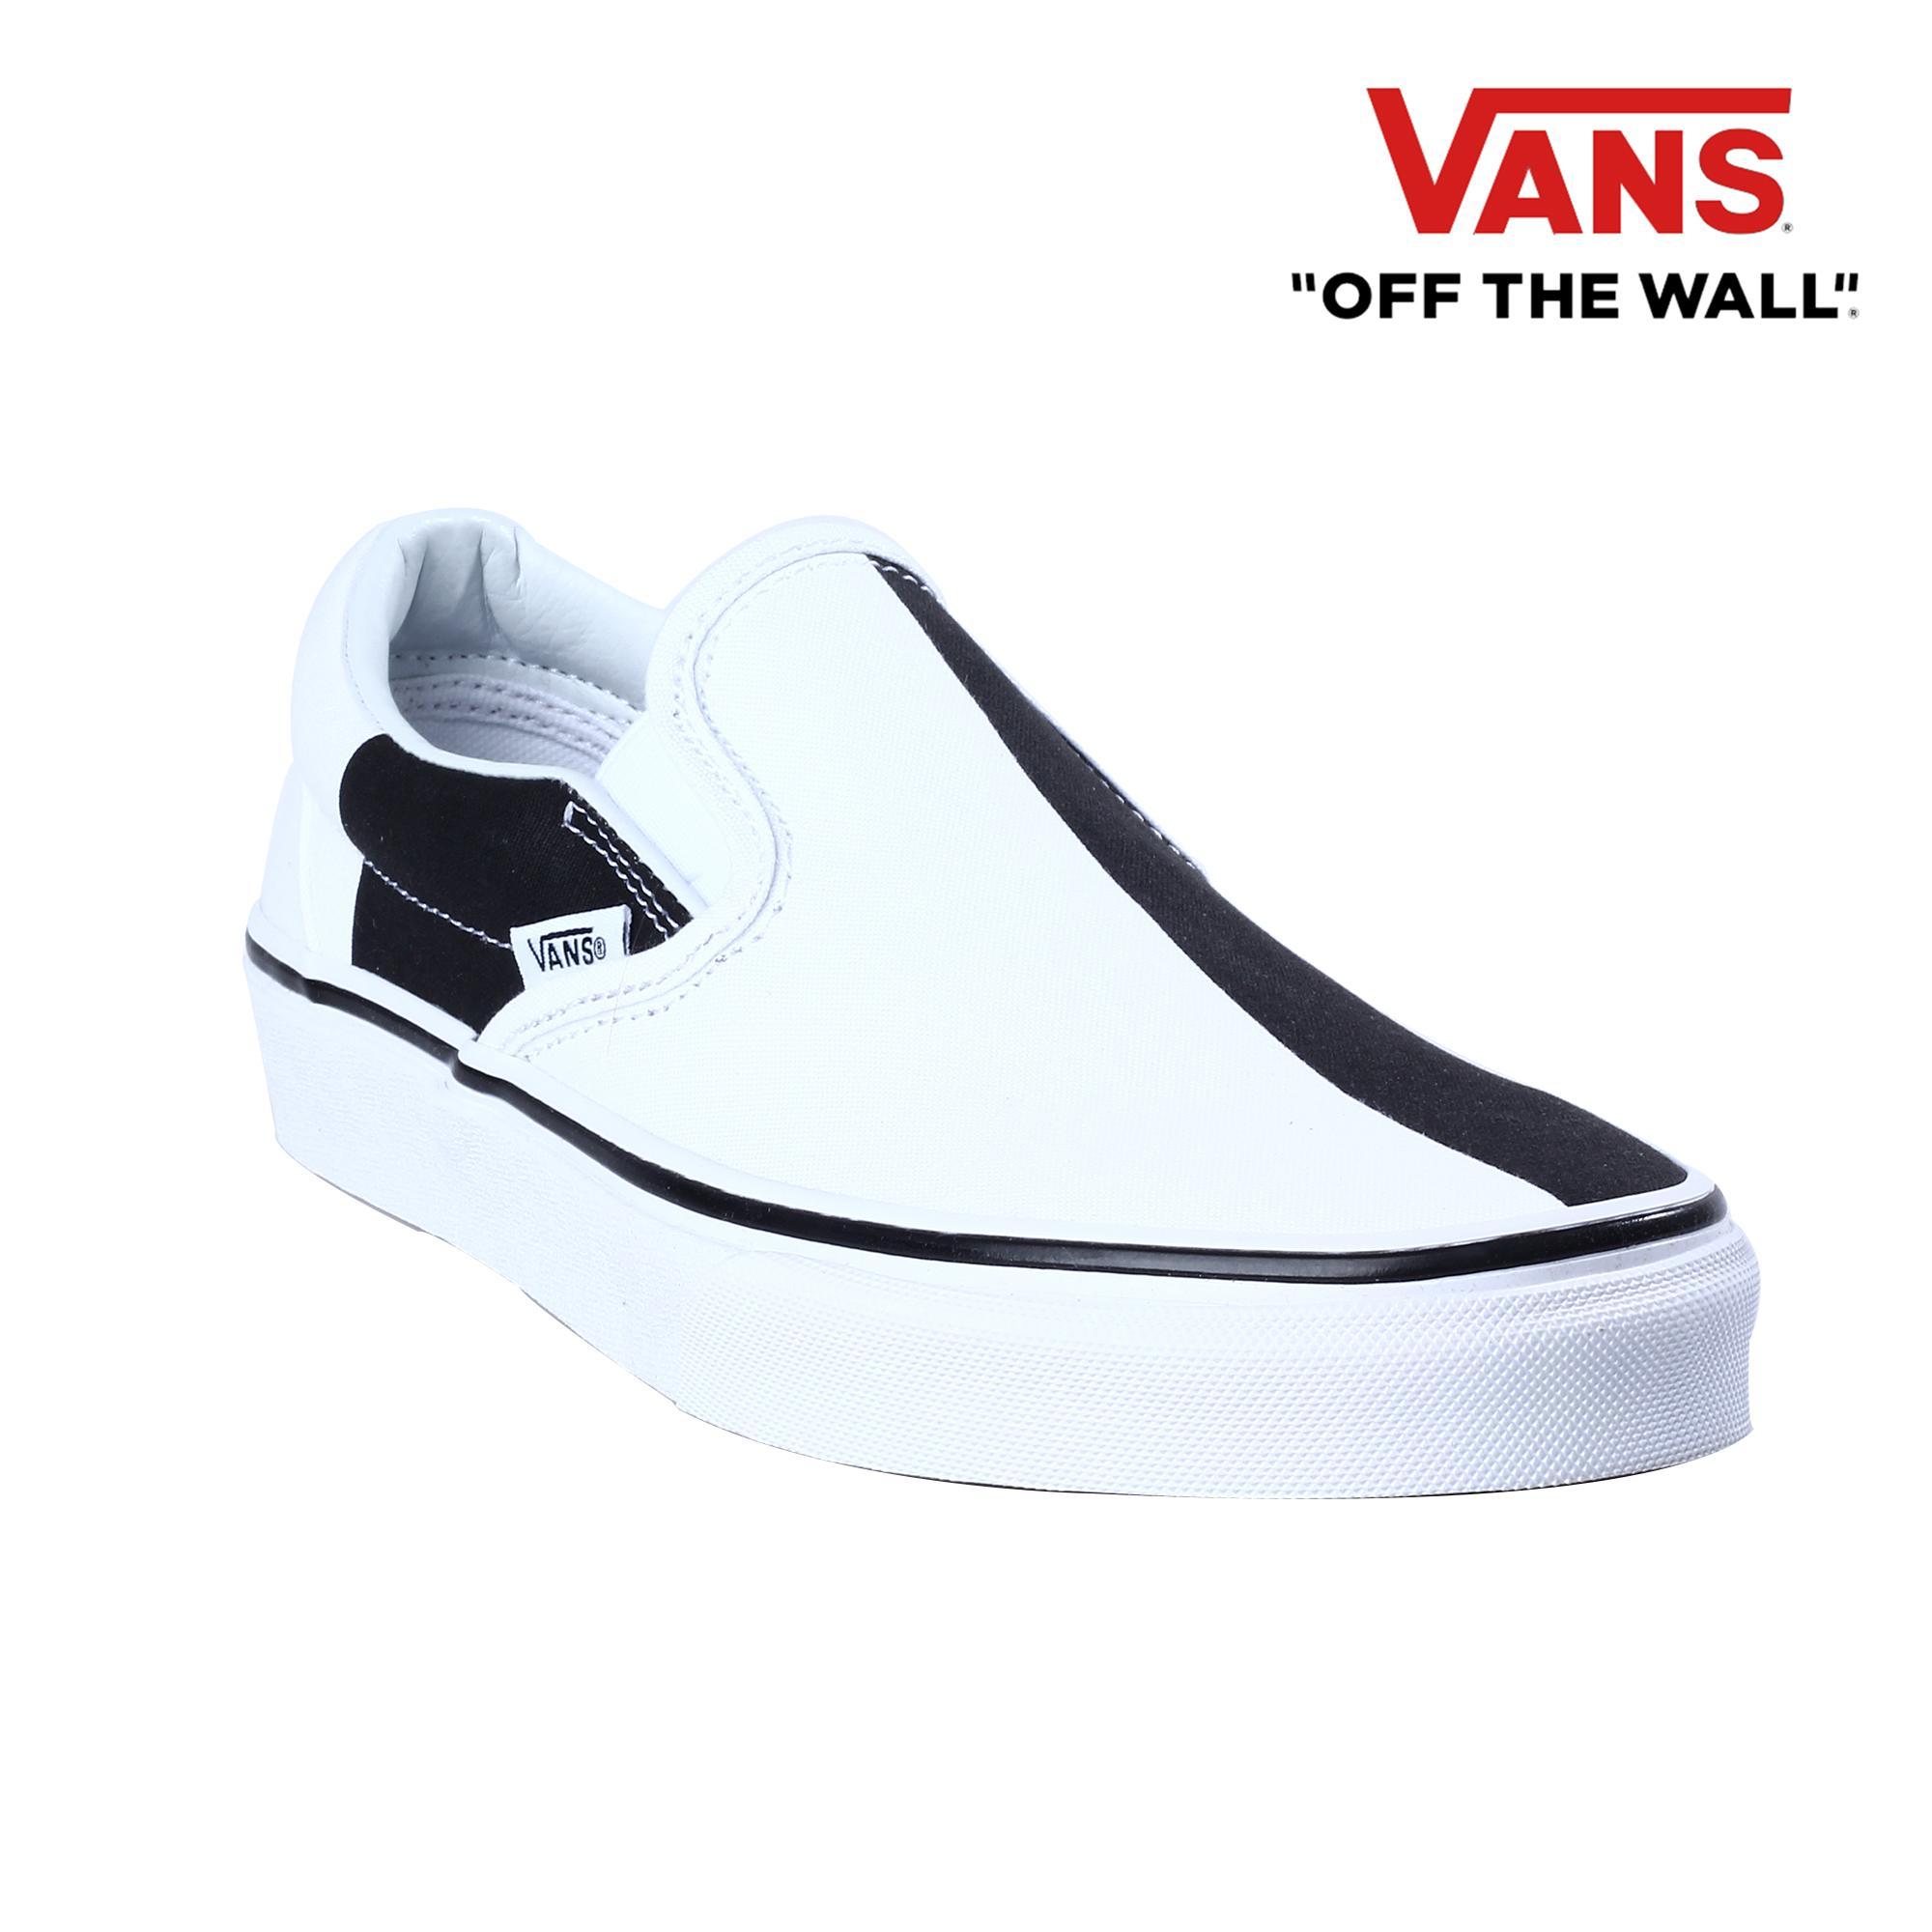 Buy Vans Slip-Ons \u0026 Loafers Online